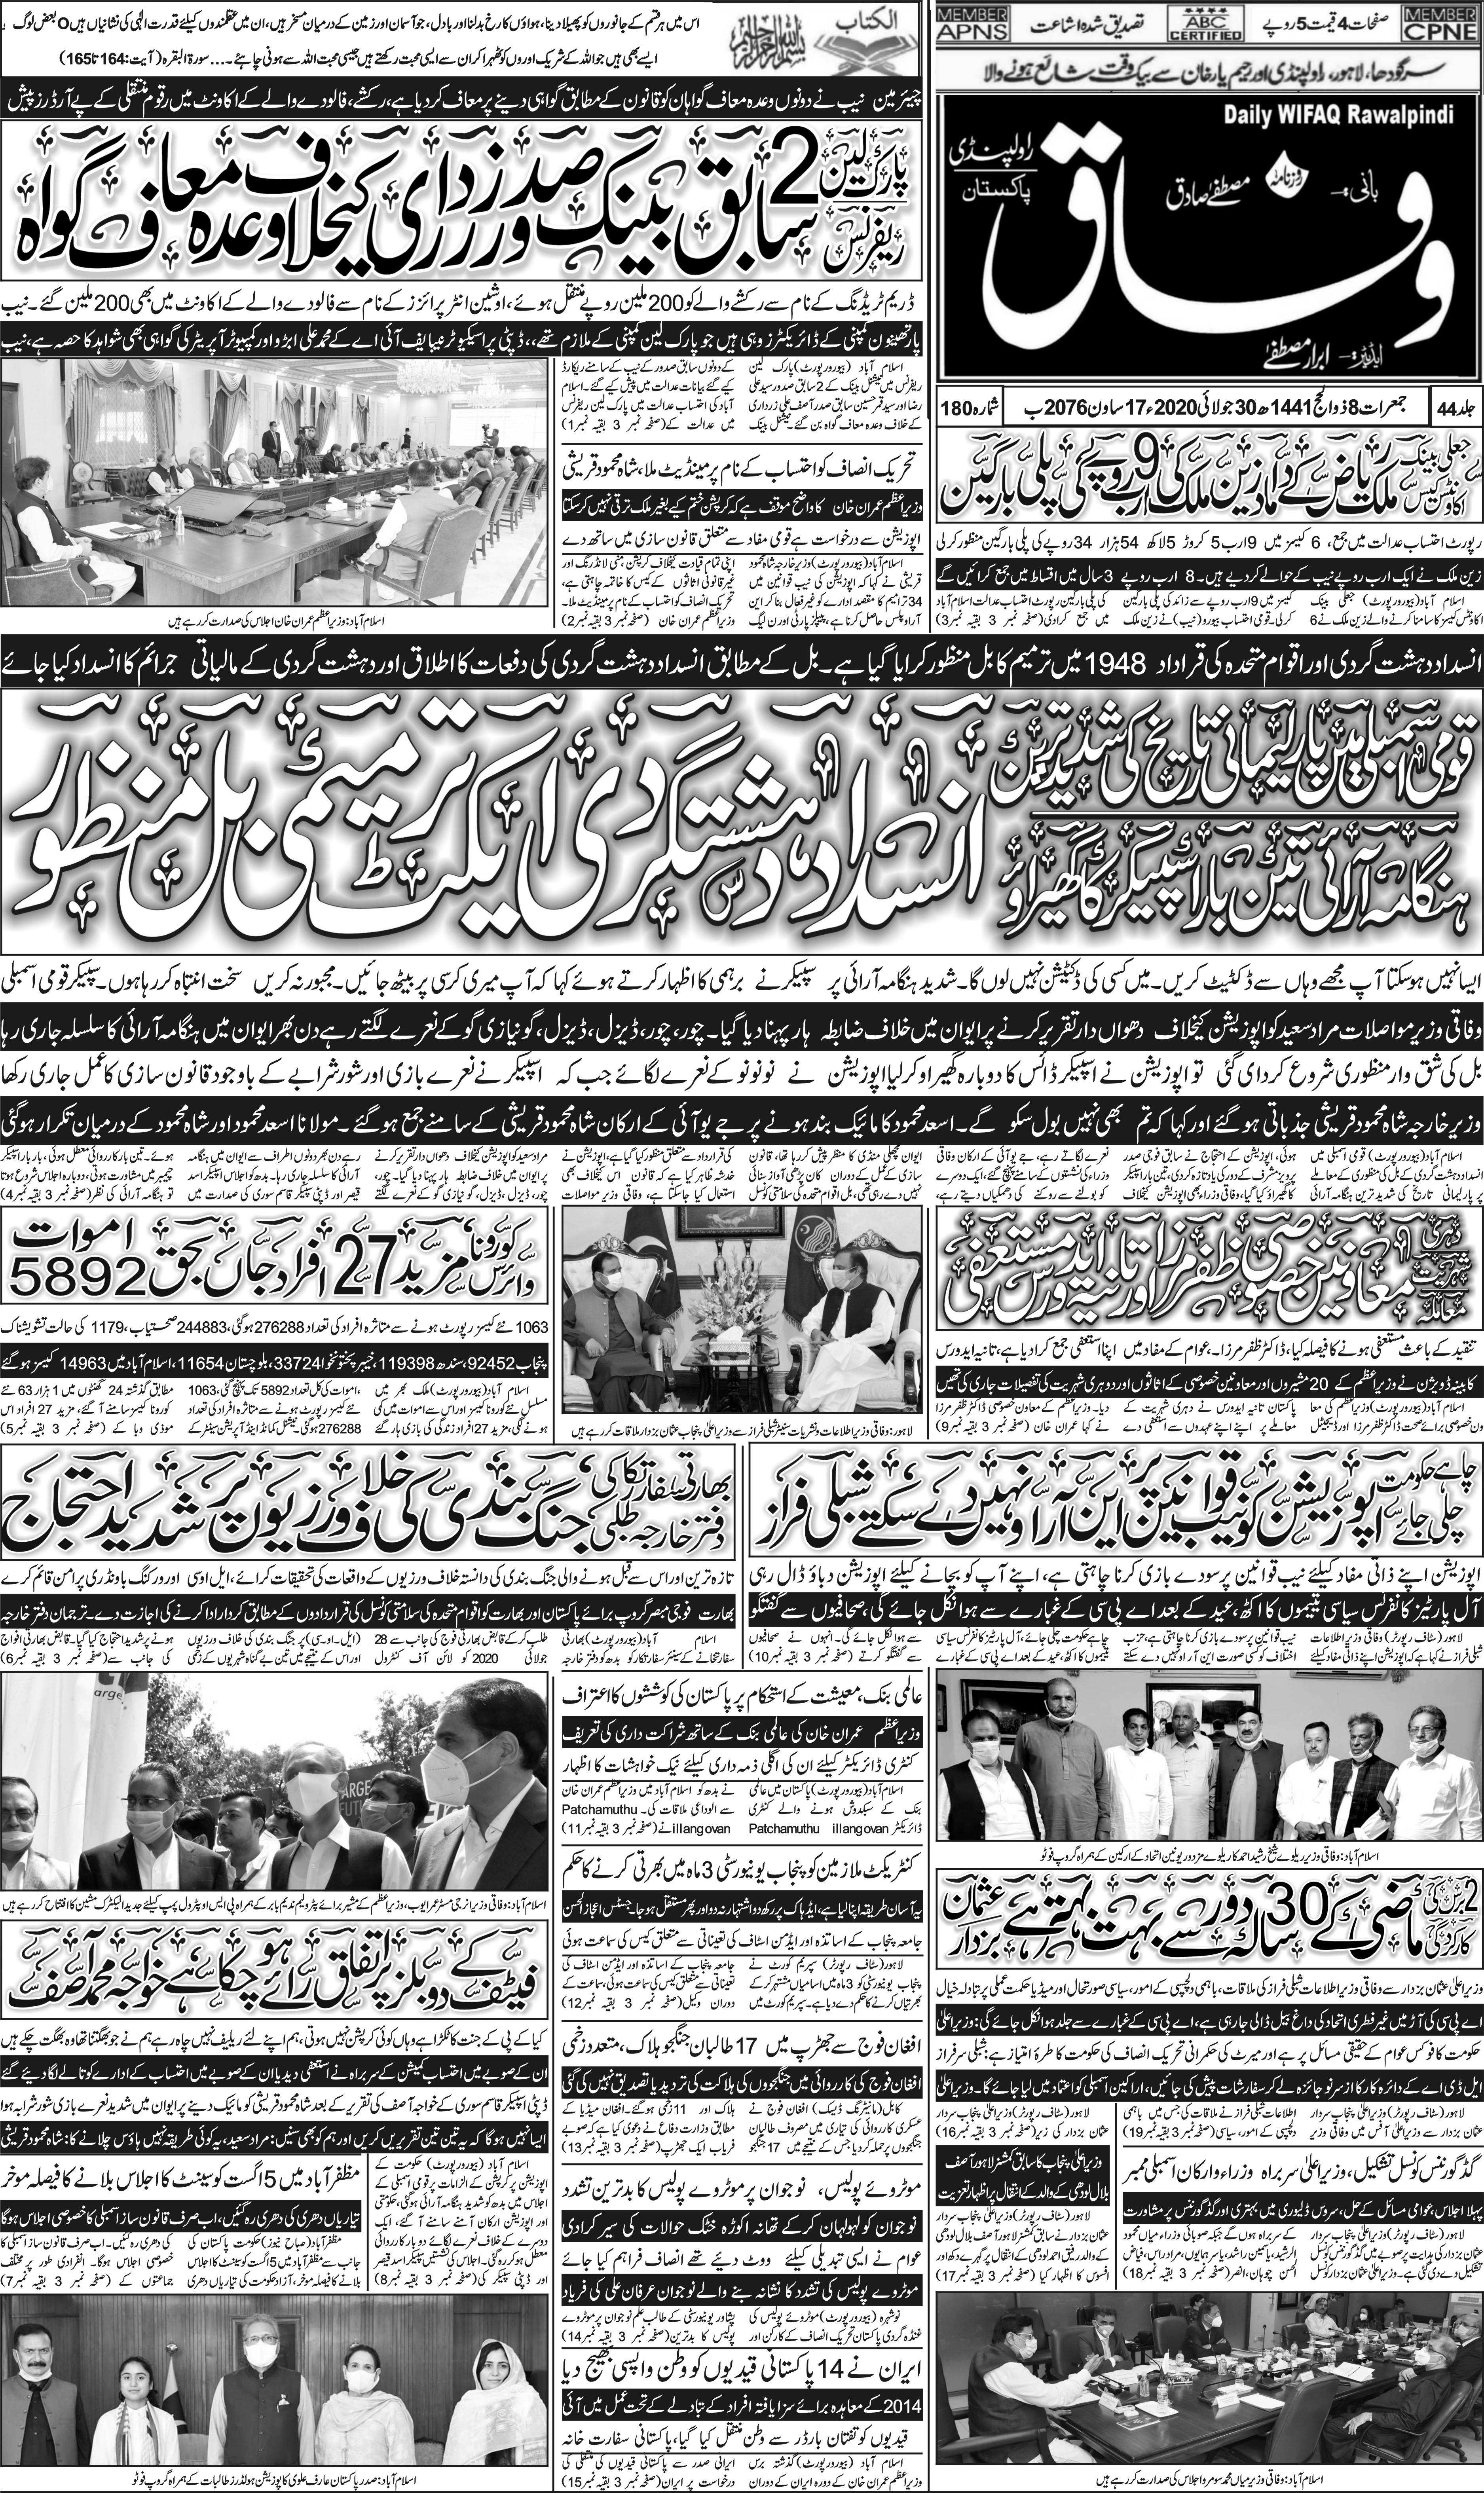 e-Paper – Daily Wifaq – Rawalpindi – 30-07-2020